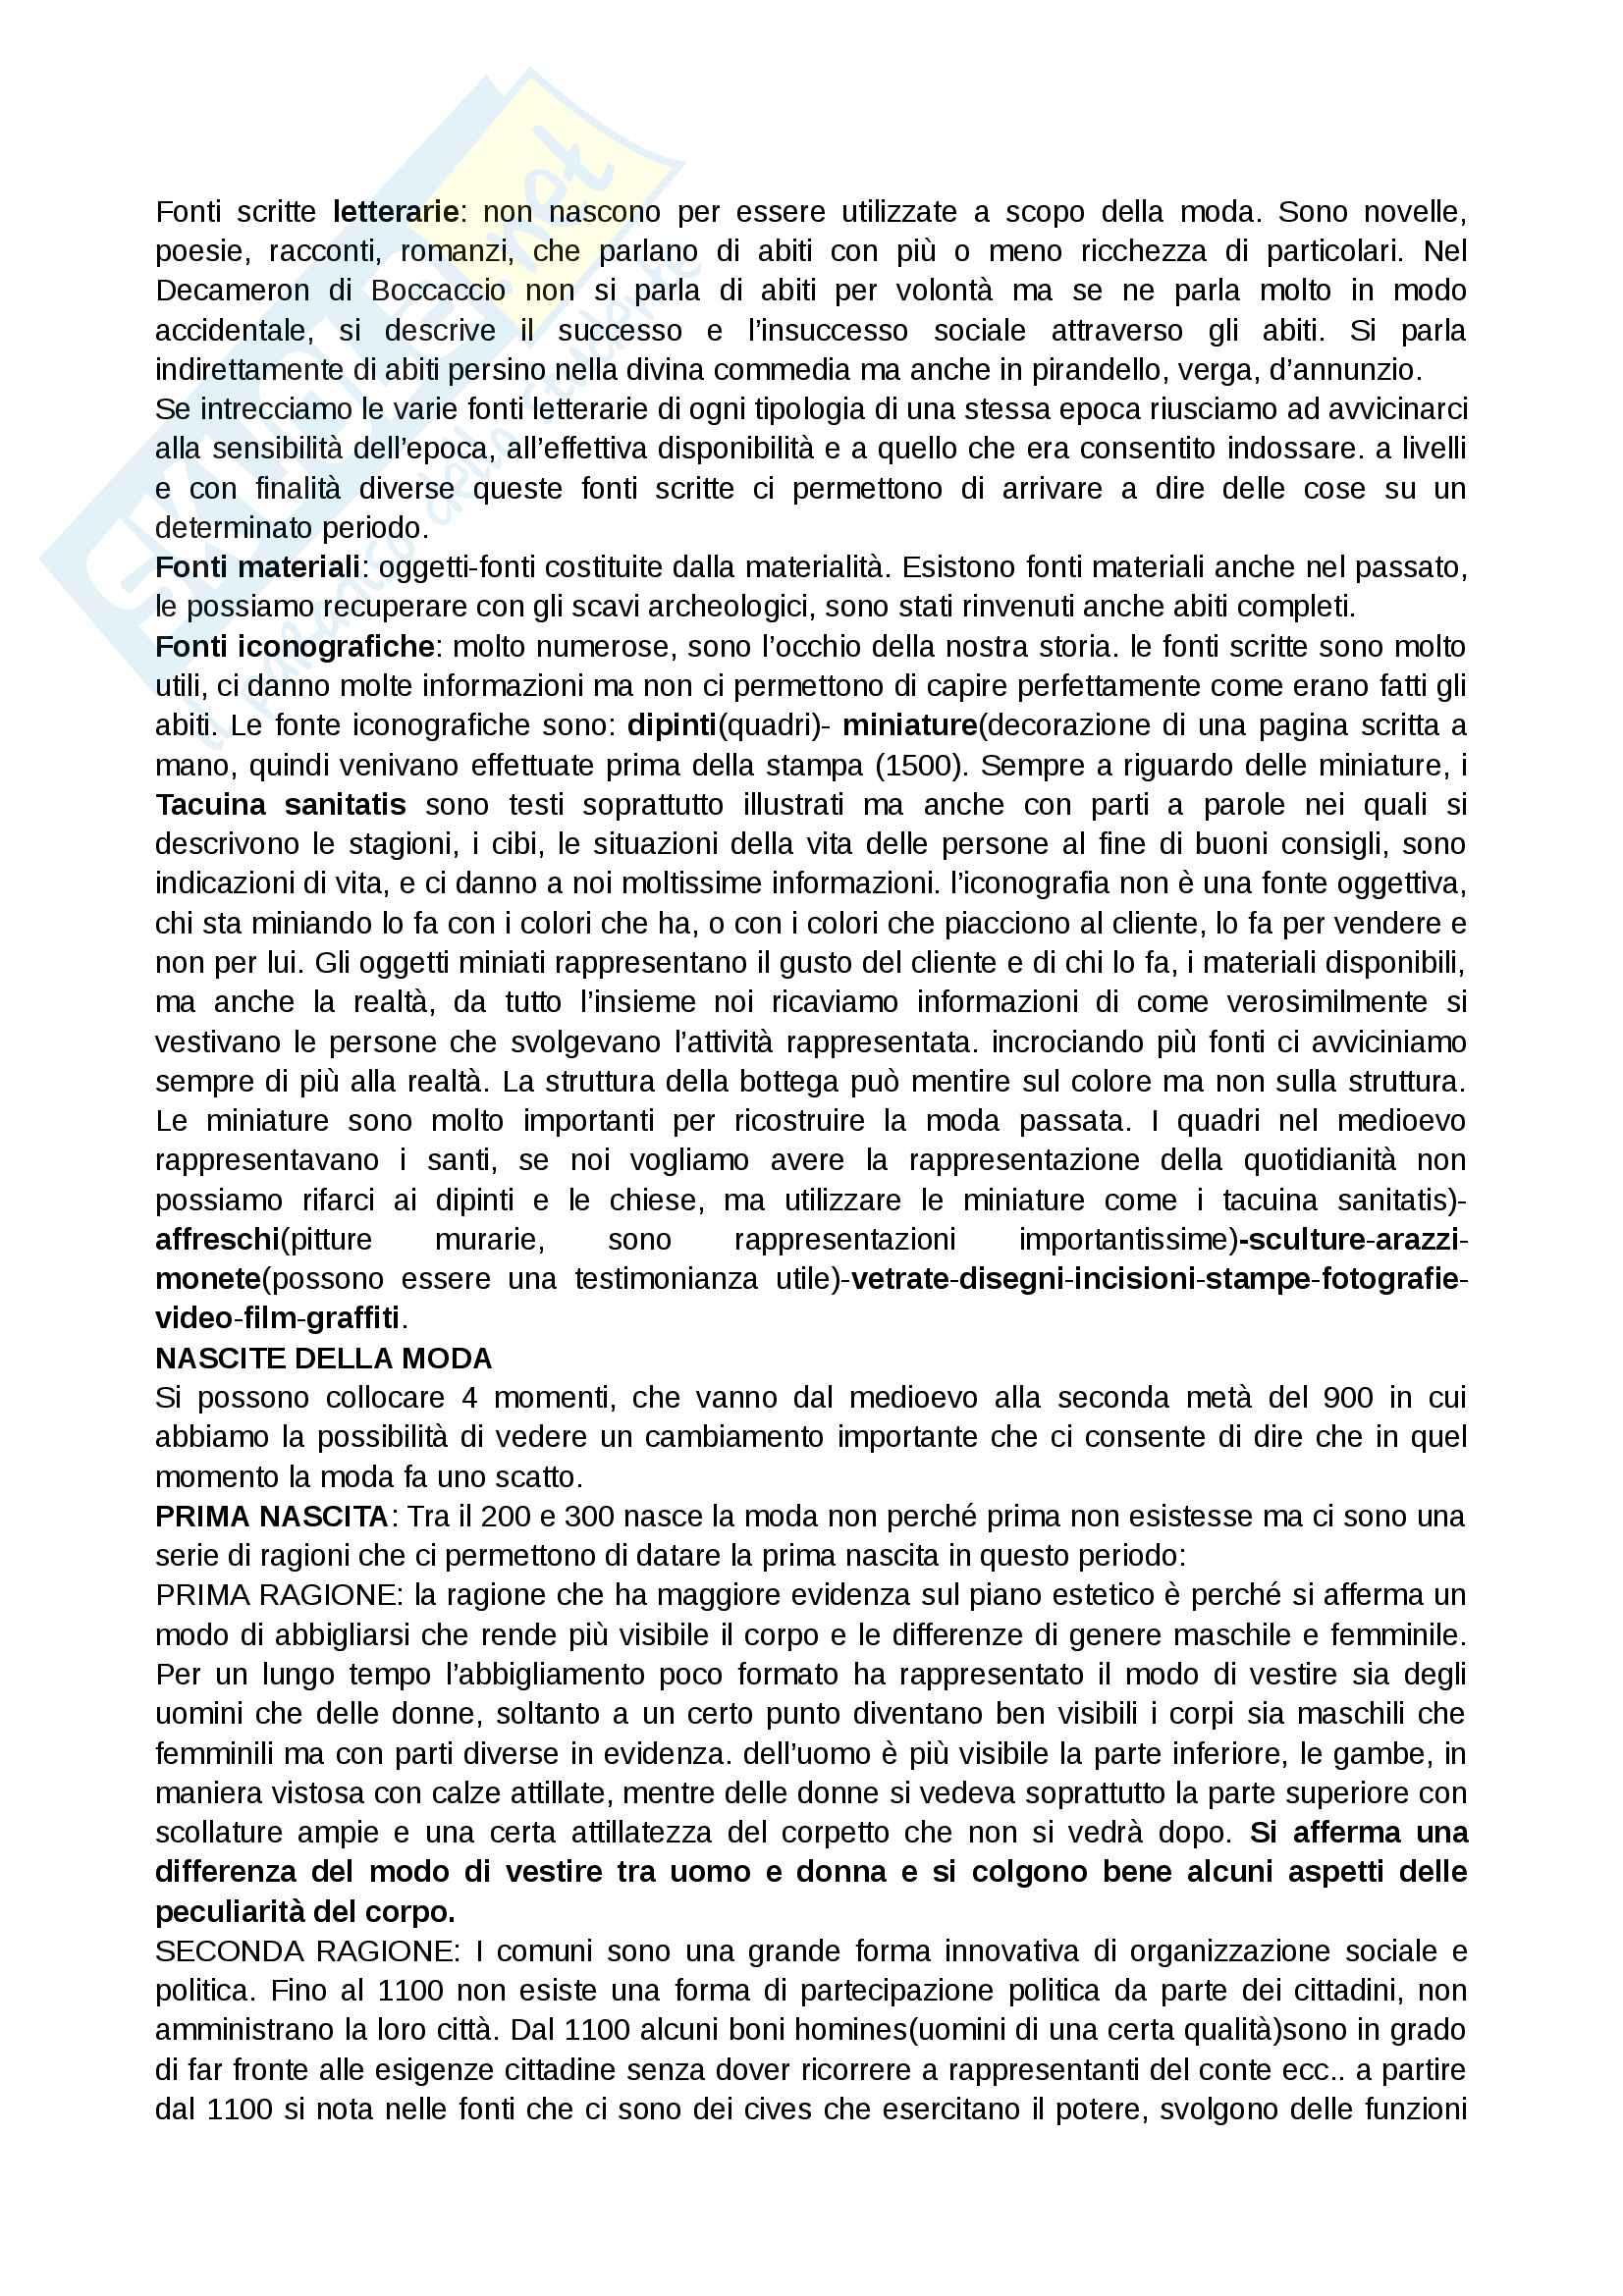 Storia del costume e della moda, prof.ssa Muzzarelli, appunti e descrizioni immagini Pag. 2